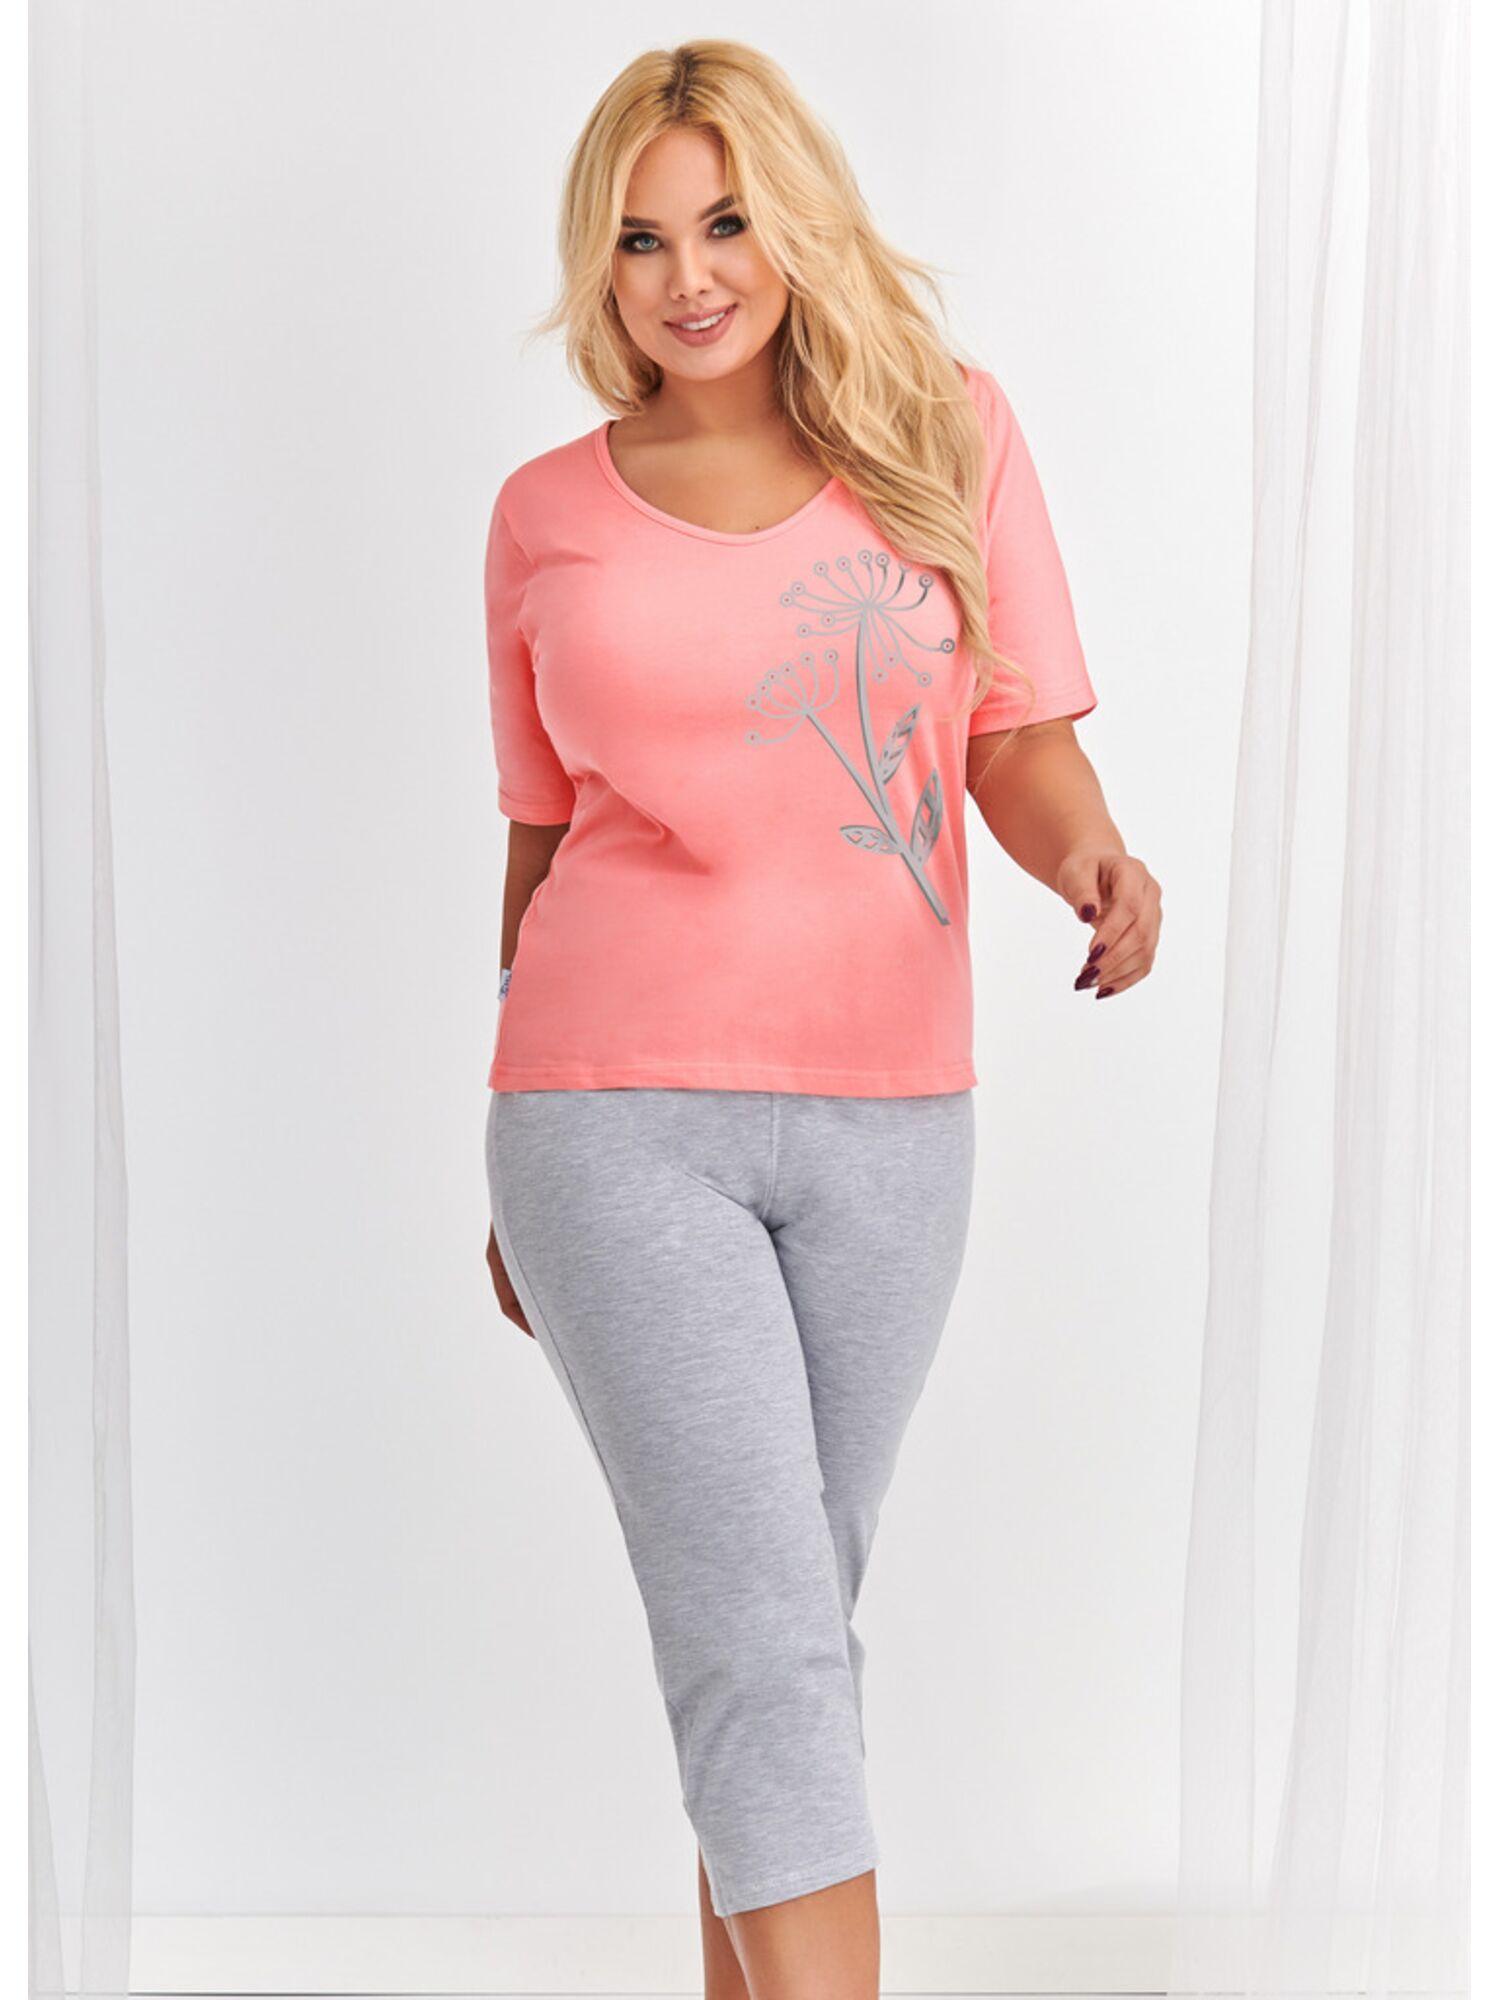 Пижама женская из хлопка с бриждами 2376 S20 LILA серый/розовый , TARO